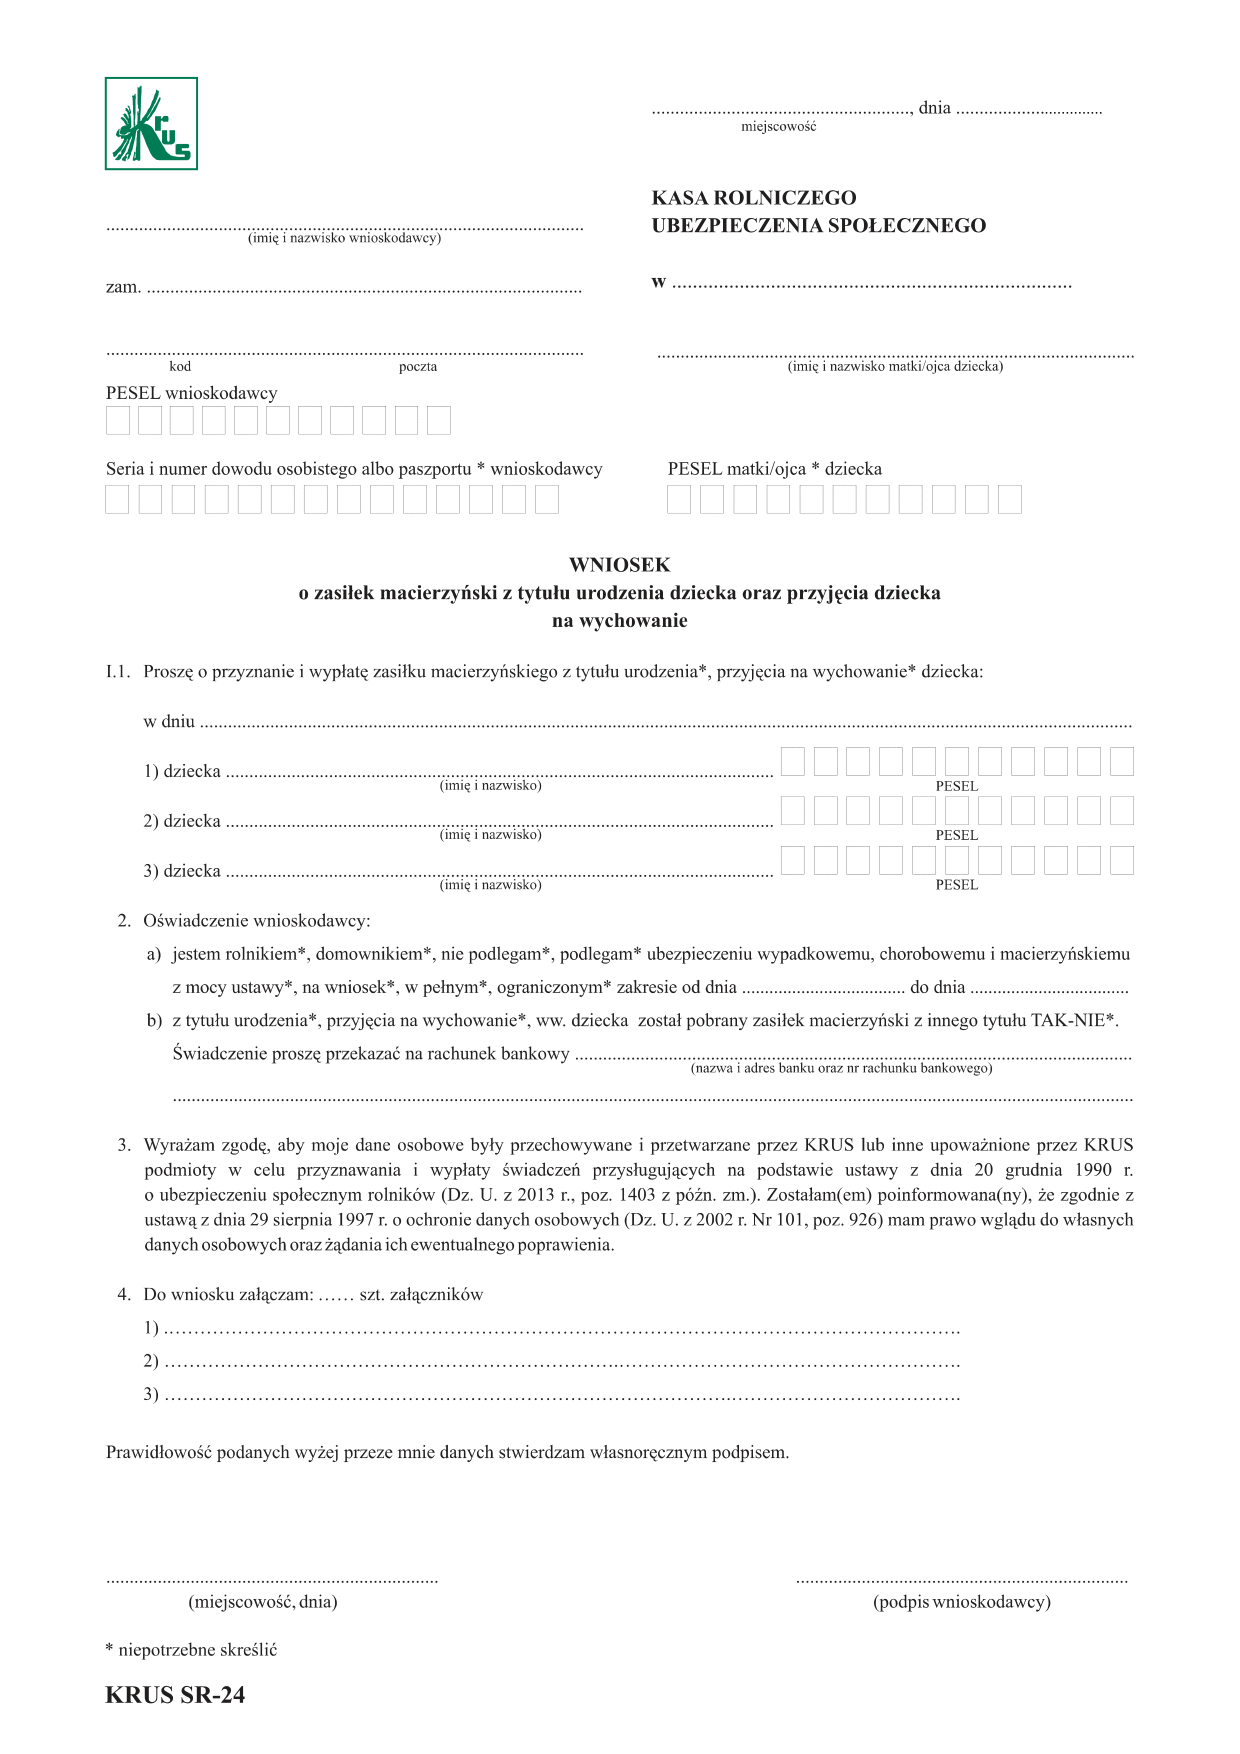 Formularz paszportowy